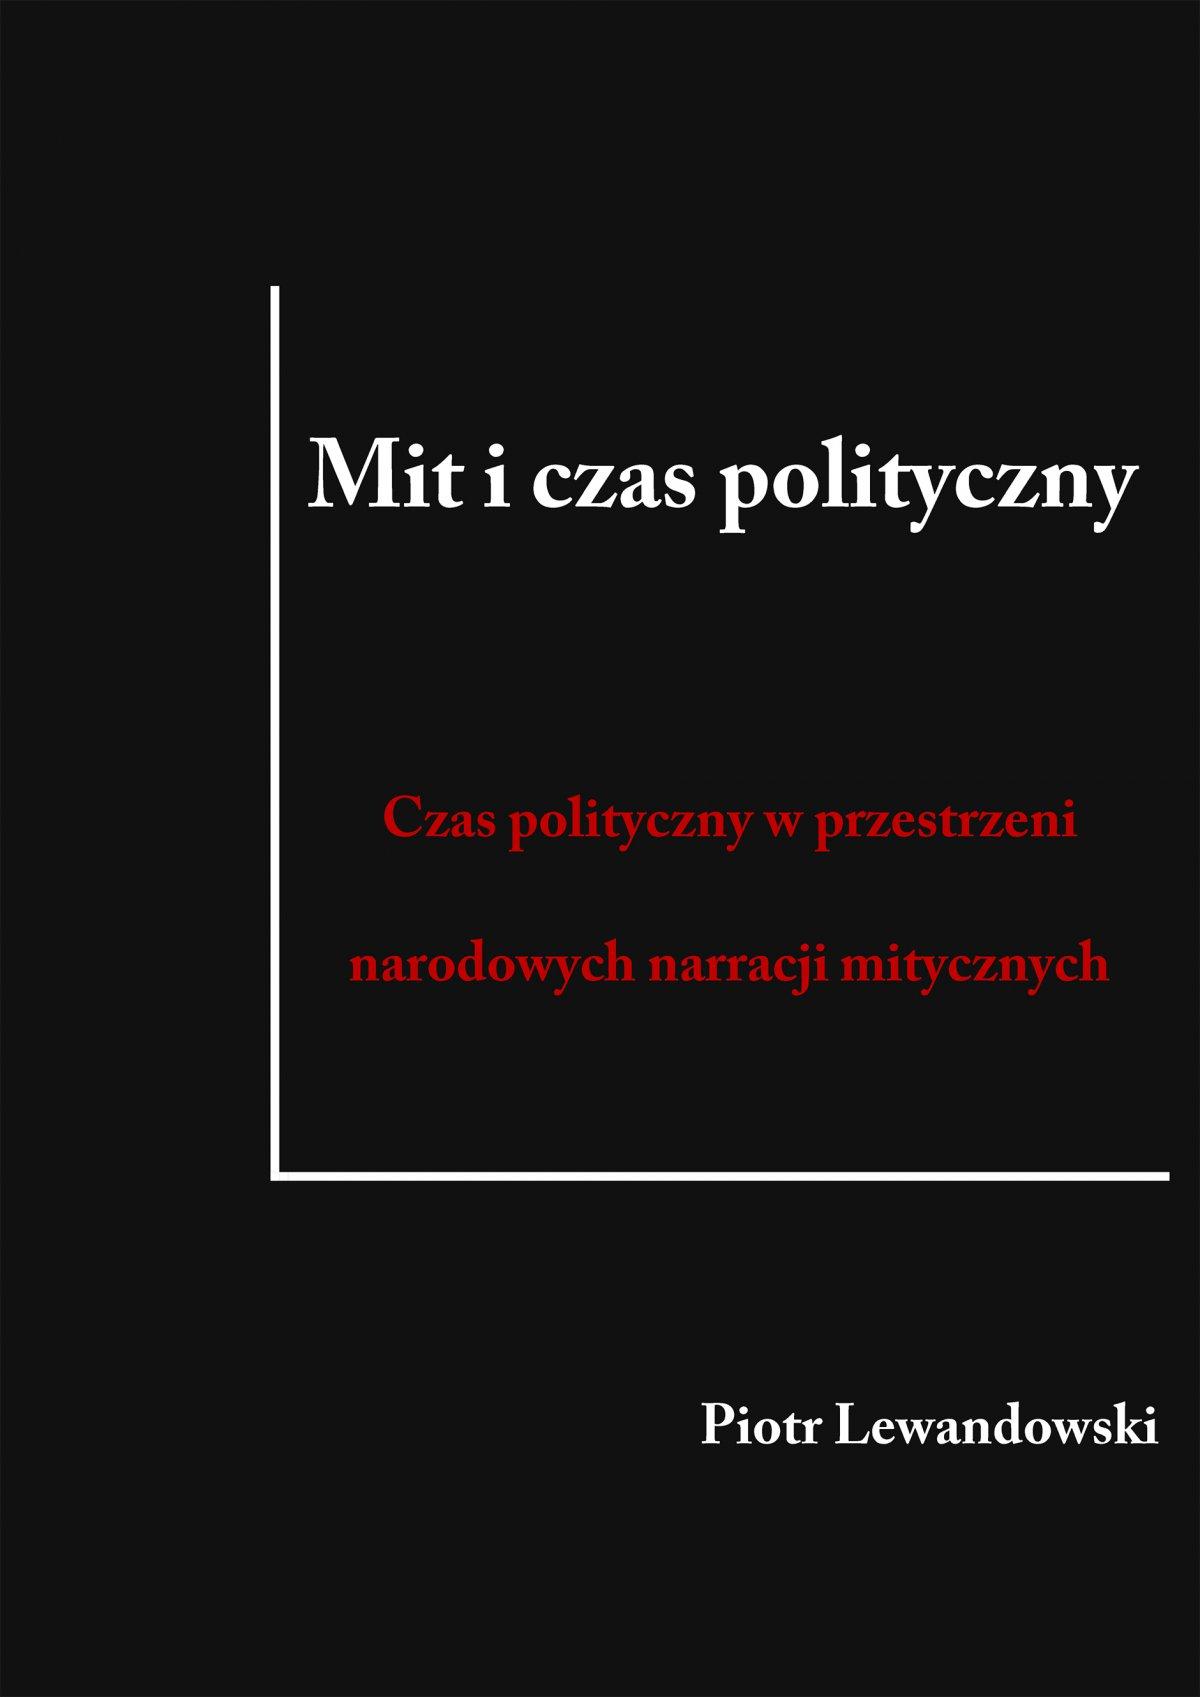 Mit i czas polityczny. Czas polityczny w przestrzeni narodowych narracji mitycznych - Ebook (Książka na Kindle) do pobrania w formacie MOBI